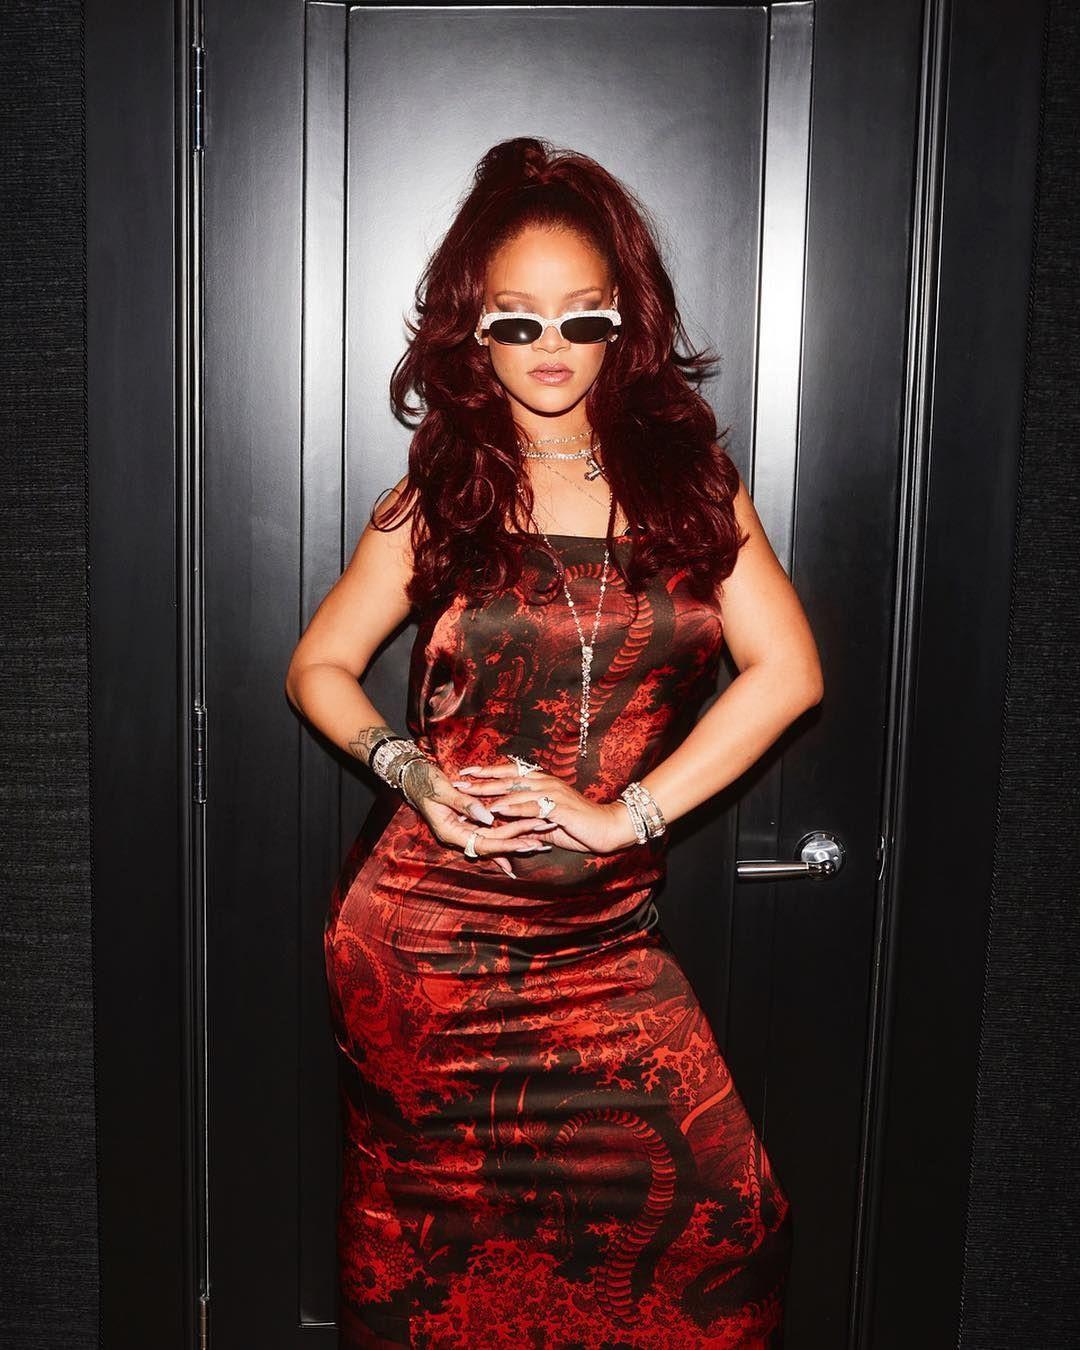 Rihanna yeni iç çamaşırı koleksiyonunu tanıttı! Kendine hayran bıraktı - Sayfa 16